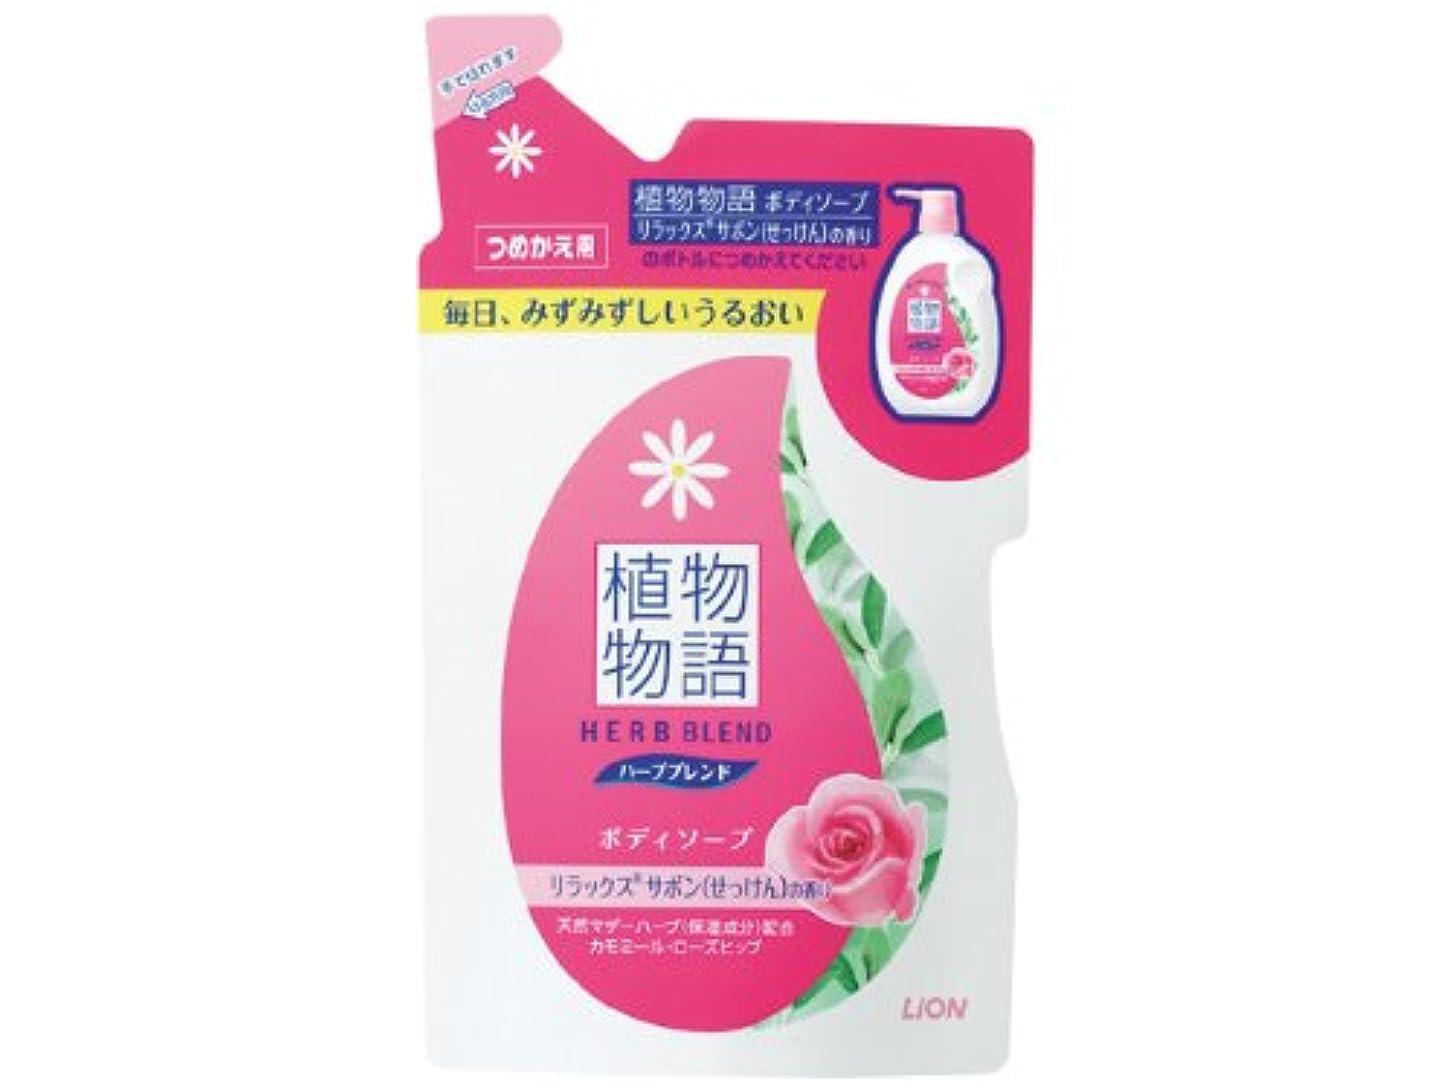 大人法医学勘違いする植物物語 ハーブブレンド ボディソープ リラックスサボン(せっけん)の香り つめかえ用 420mL